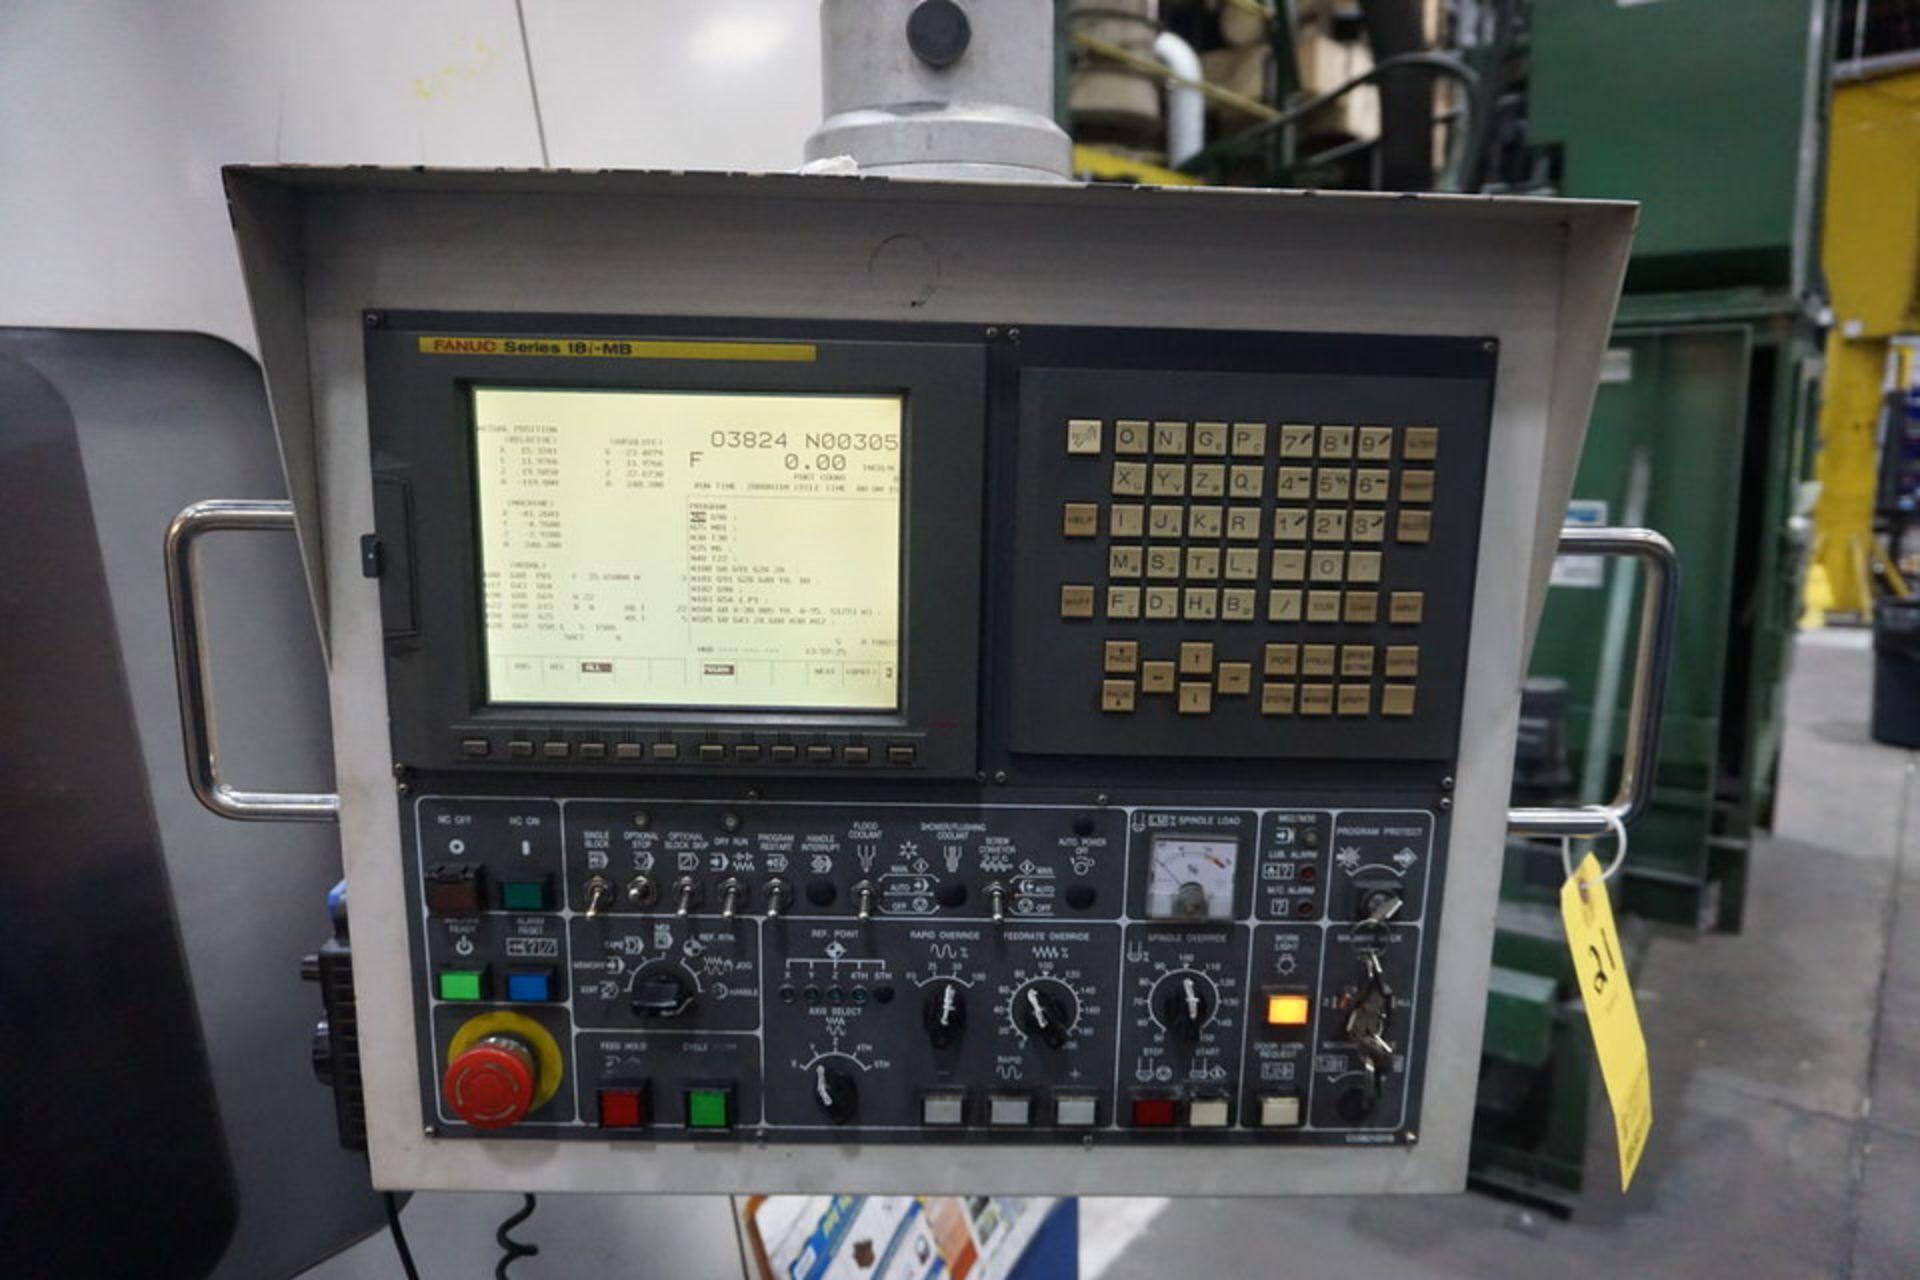 DAEWOO DMV8030S VERTICAL MACHINING CENTER (ASST#:P345105) - Image 6 of 10